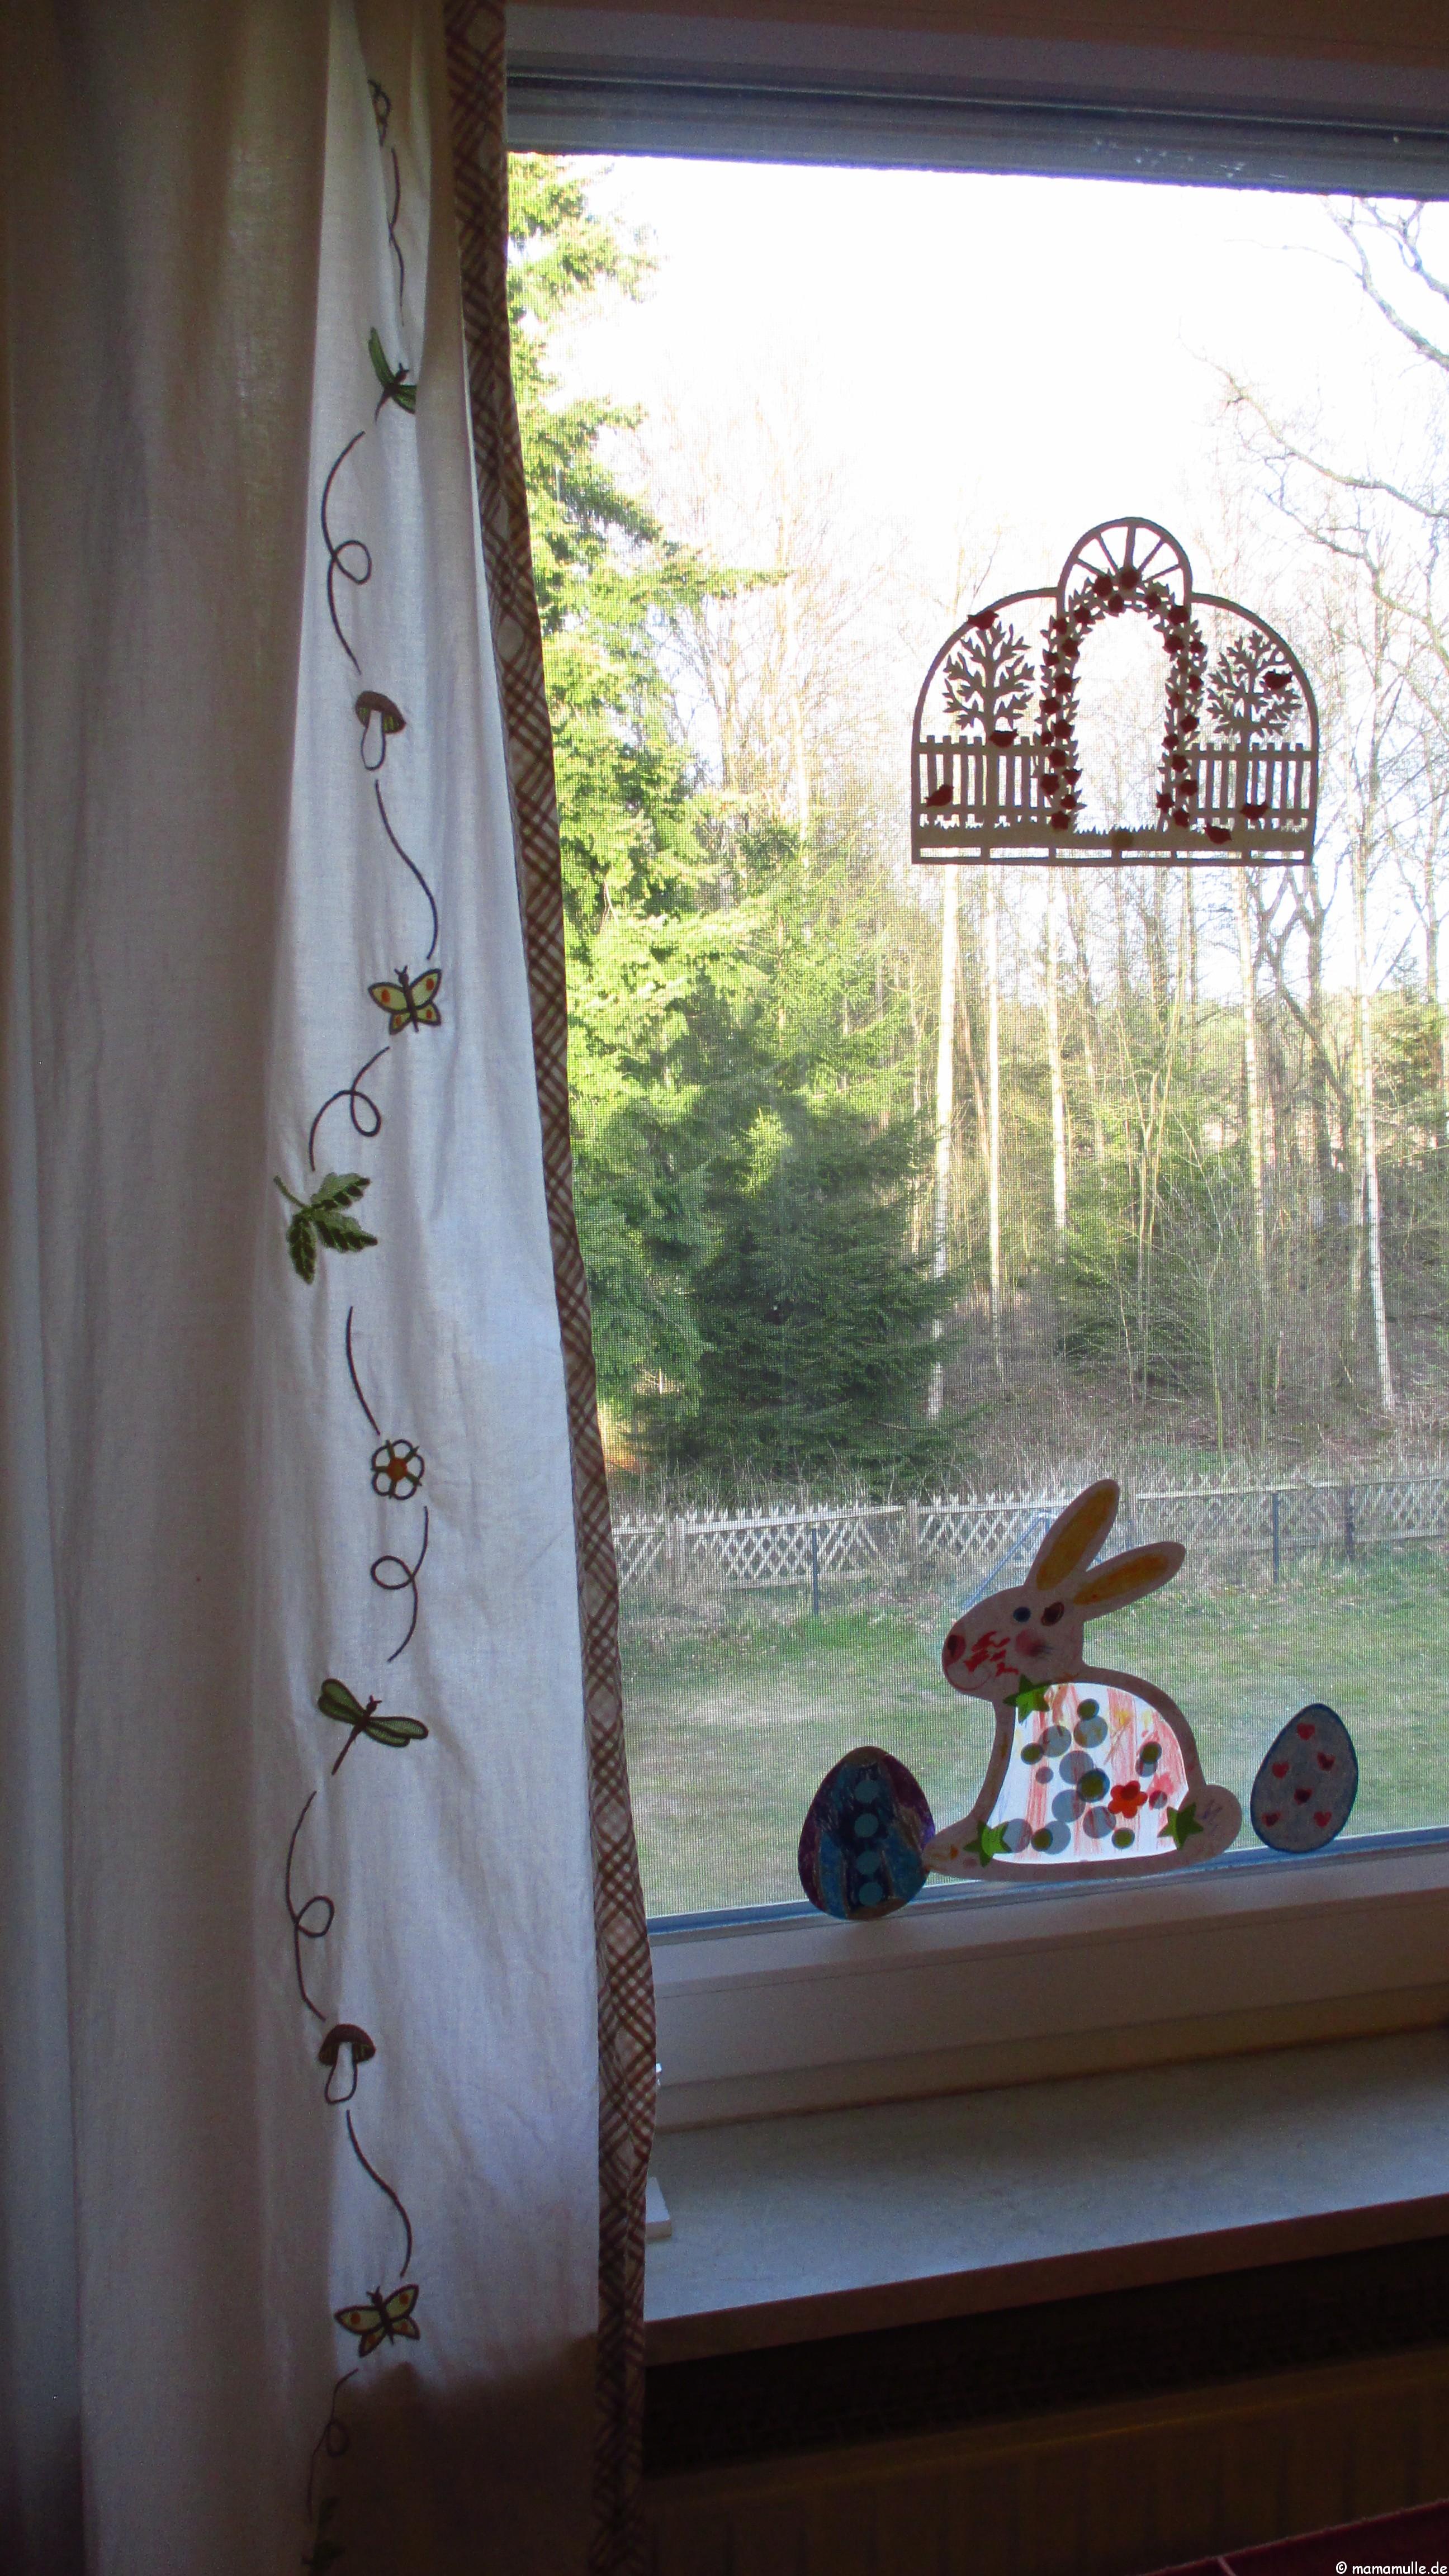 Kinderzimmer für zwei – Mamamulle's Blog